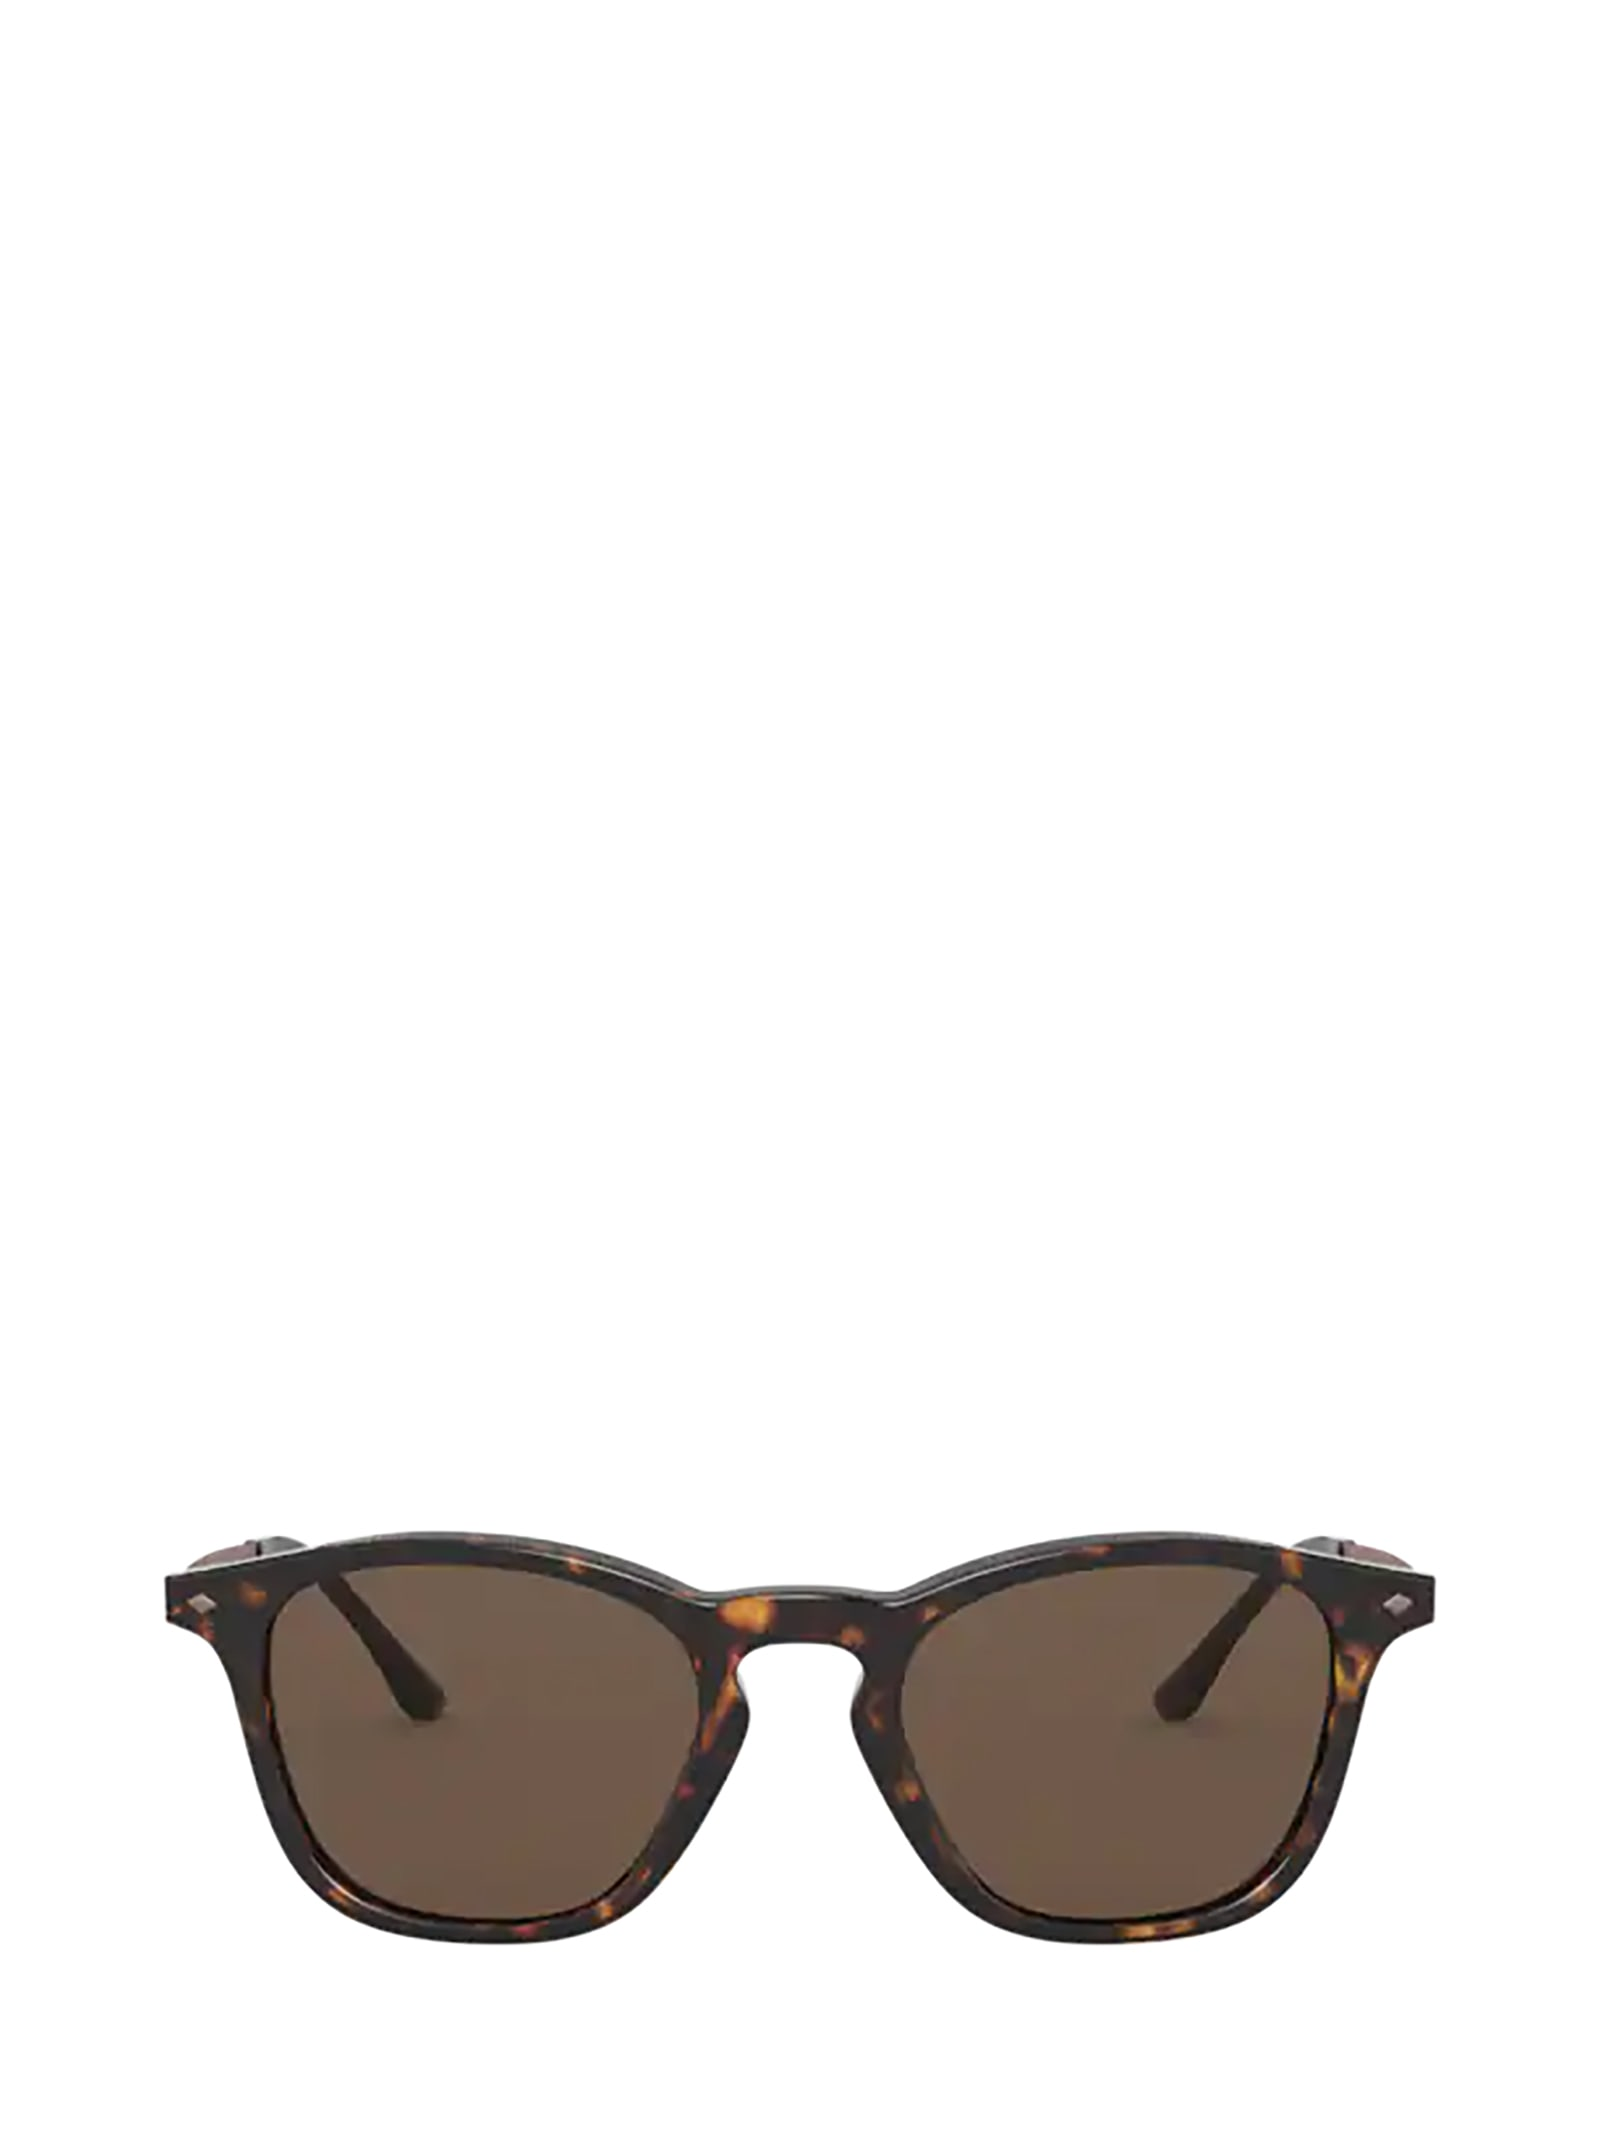 Giorgio Armani Giorgio Armani Ar8128 Havana Sunglasses